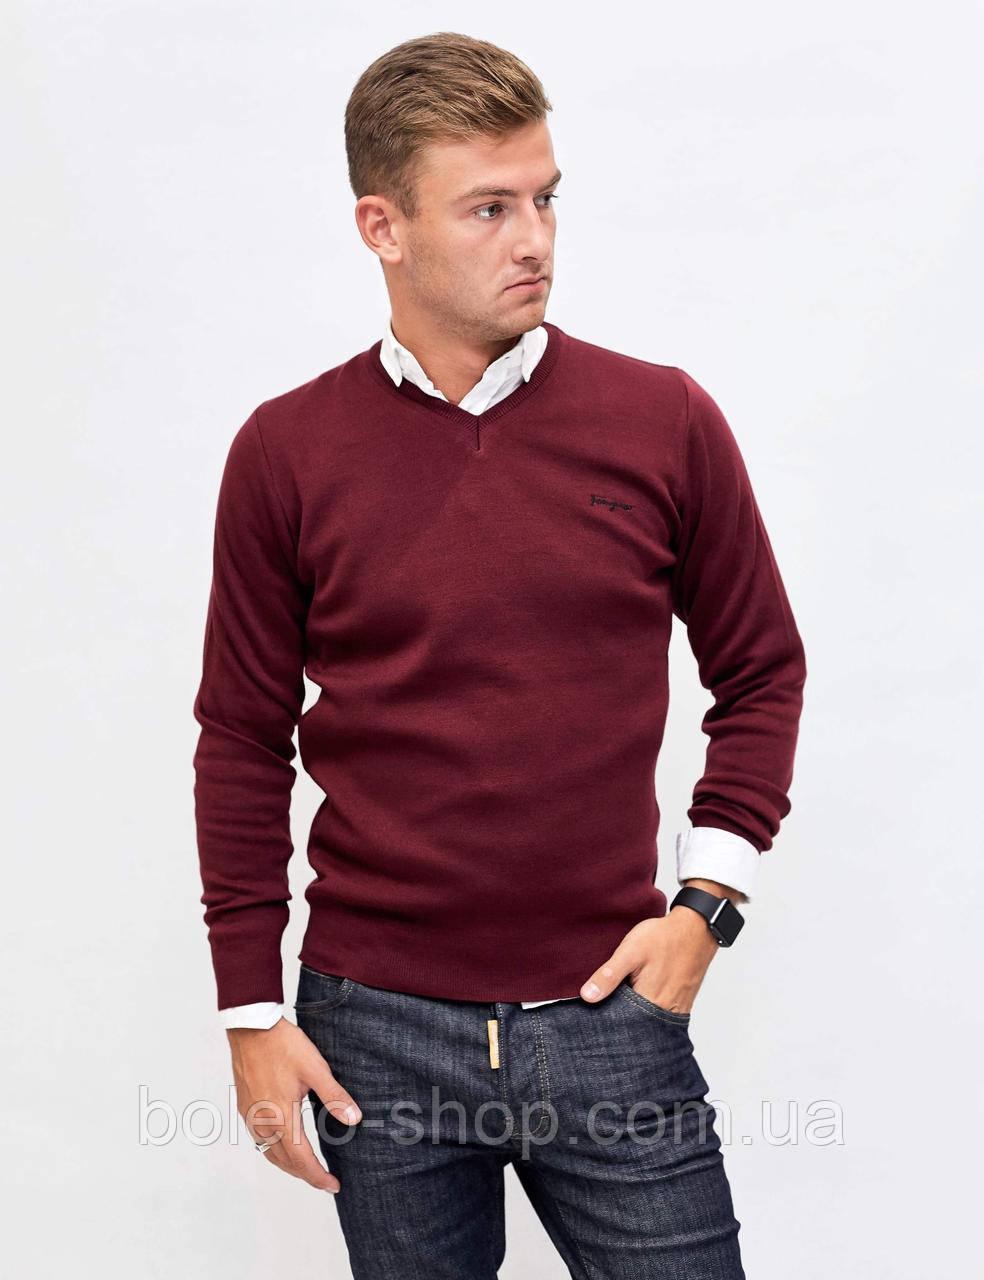 Мужской свитер пуловер Ferragamo в цветах